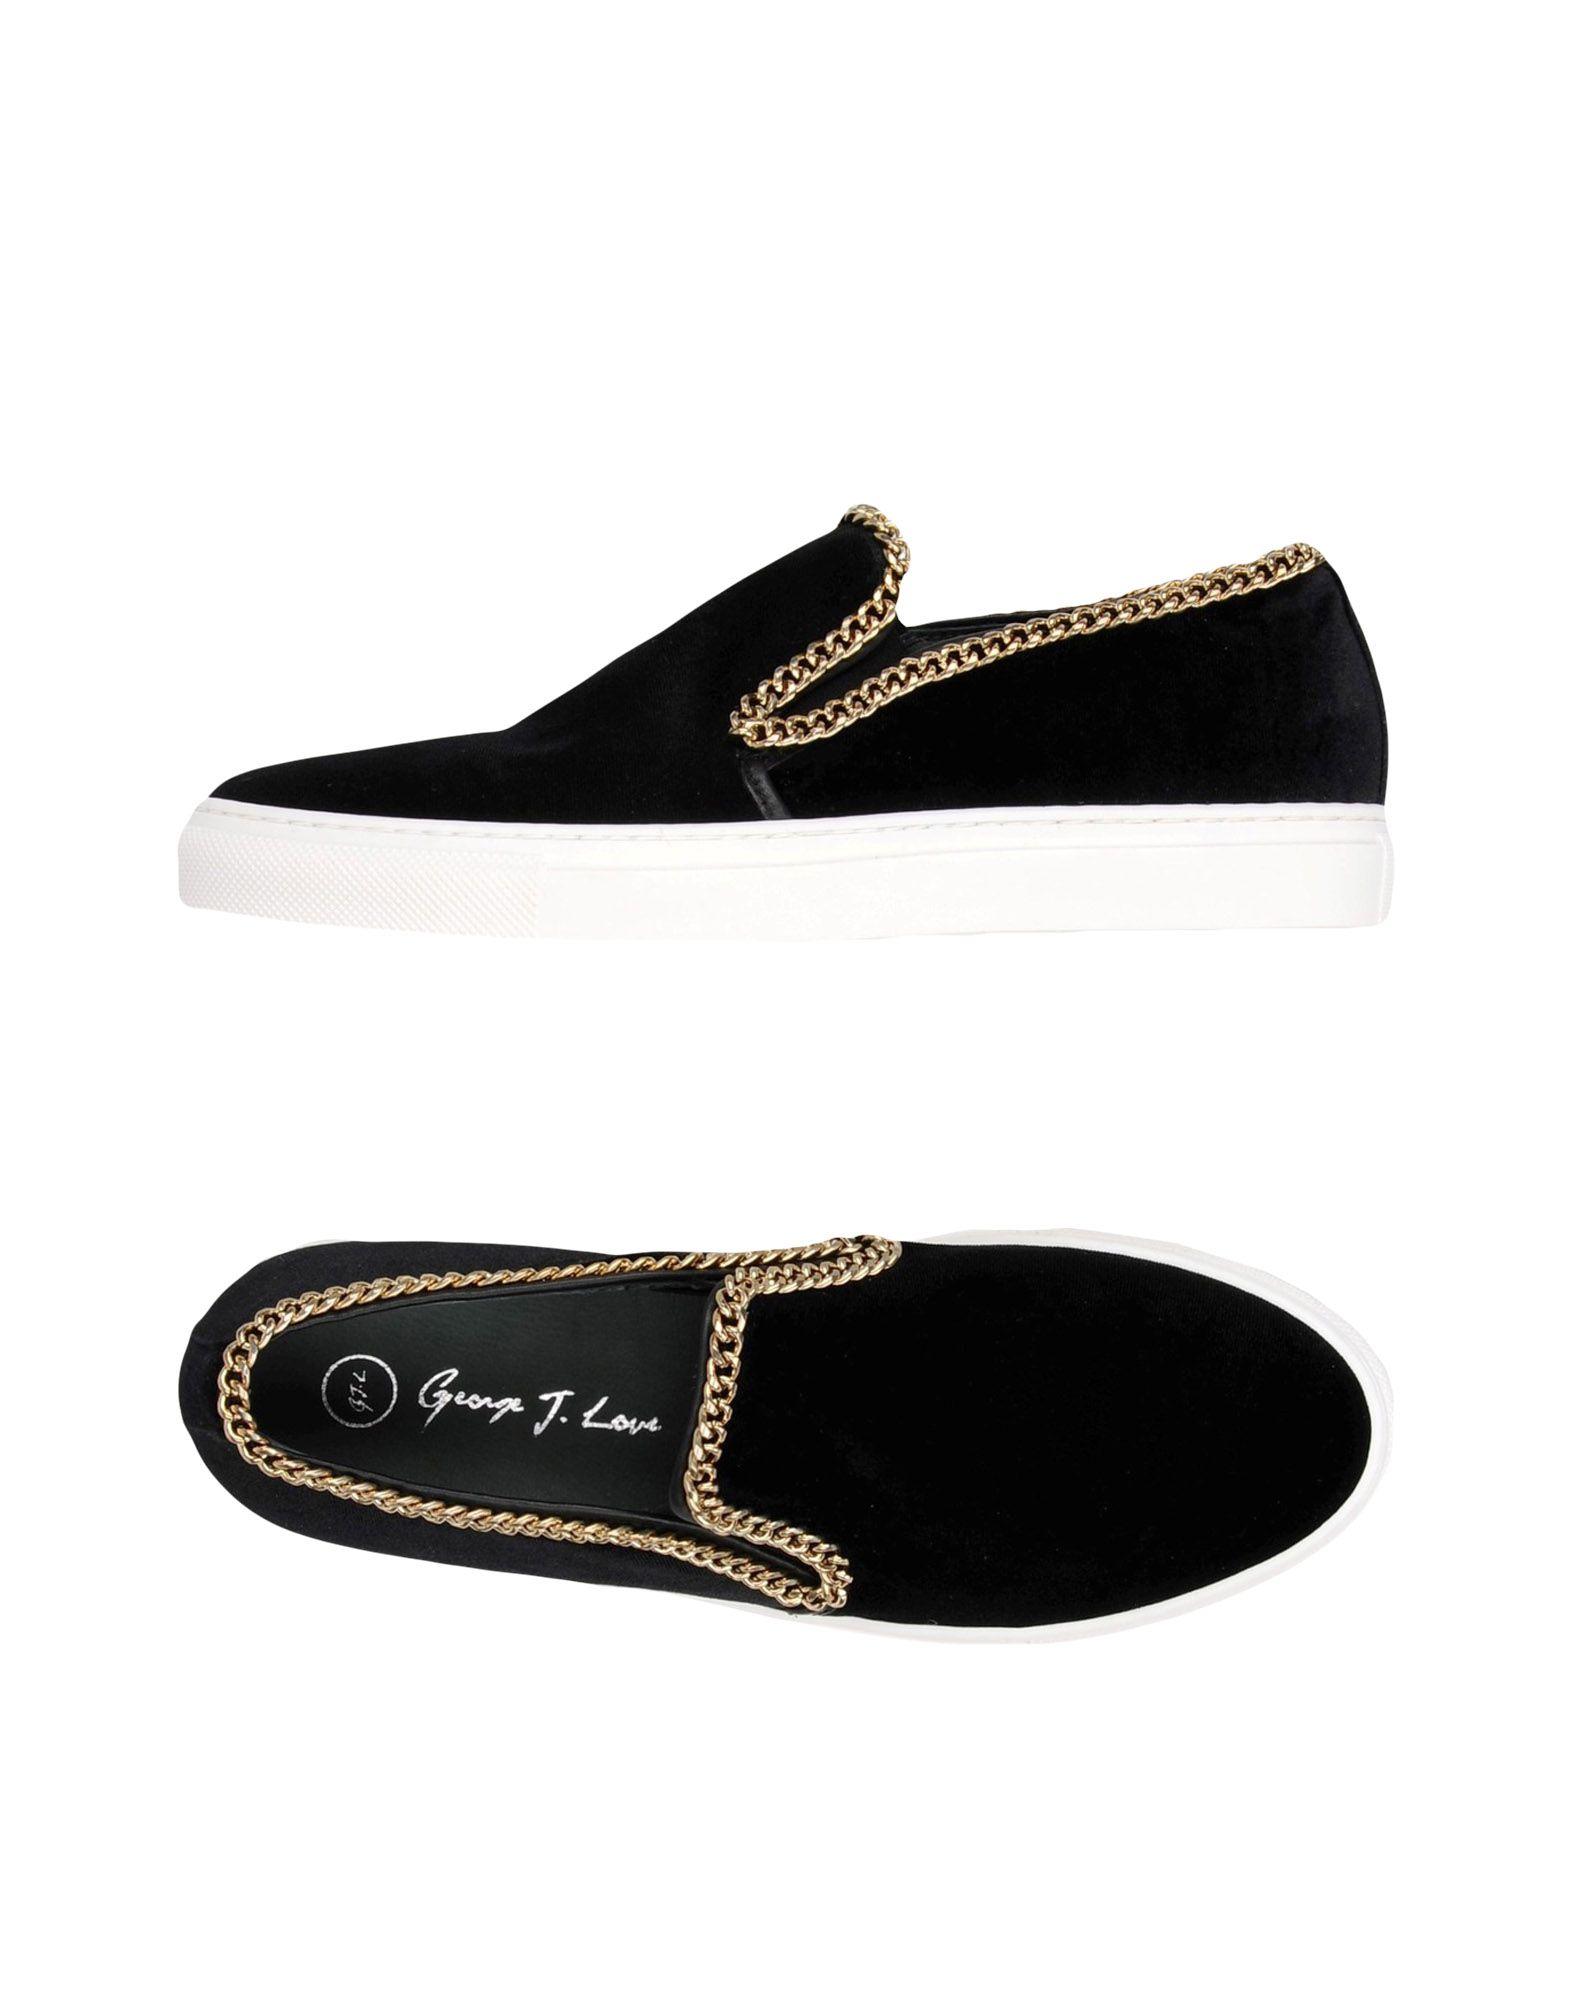 Sneakers George J. Love Donna - 11319536KP